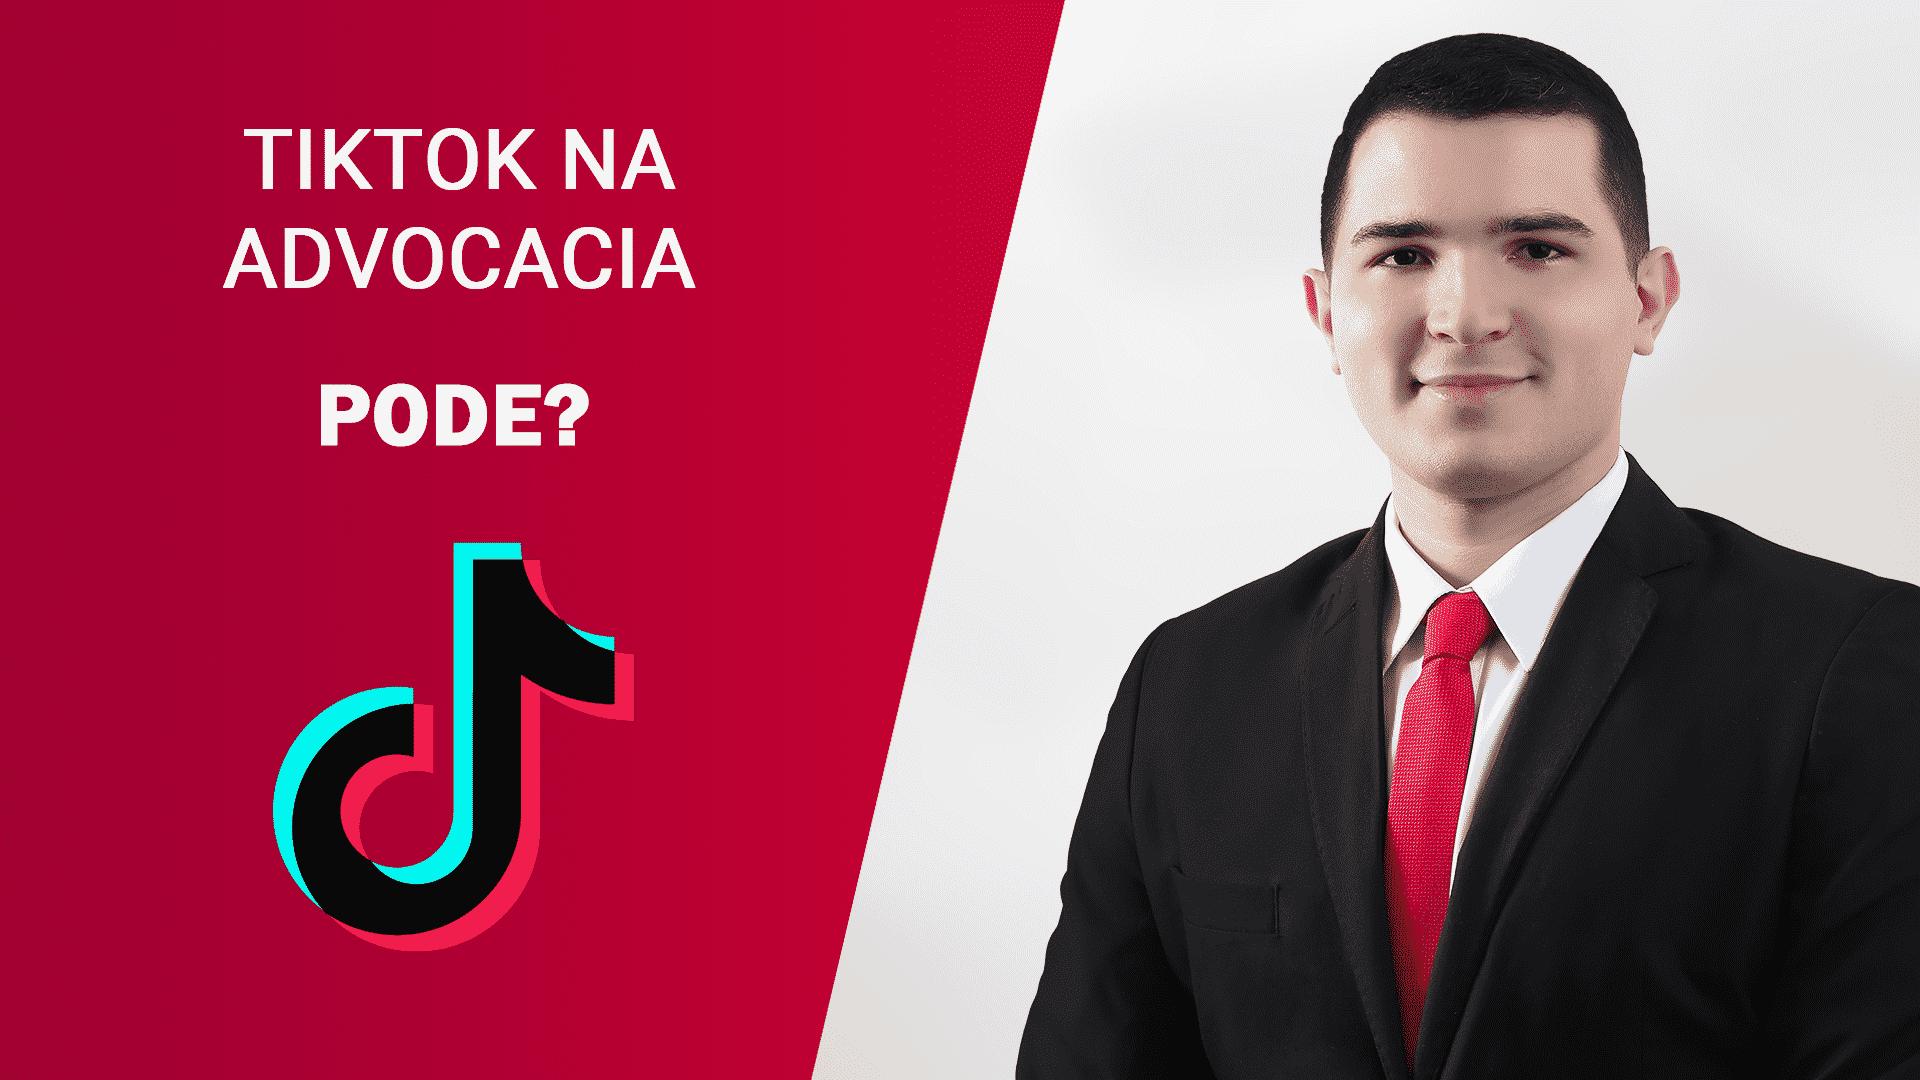 You are currently viewing Advogado tiktoker: OAB publica cartilha proibindo o uso do aplicativo, saiba mais